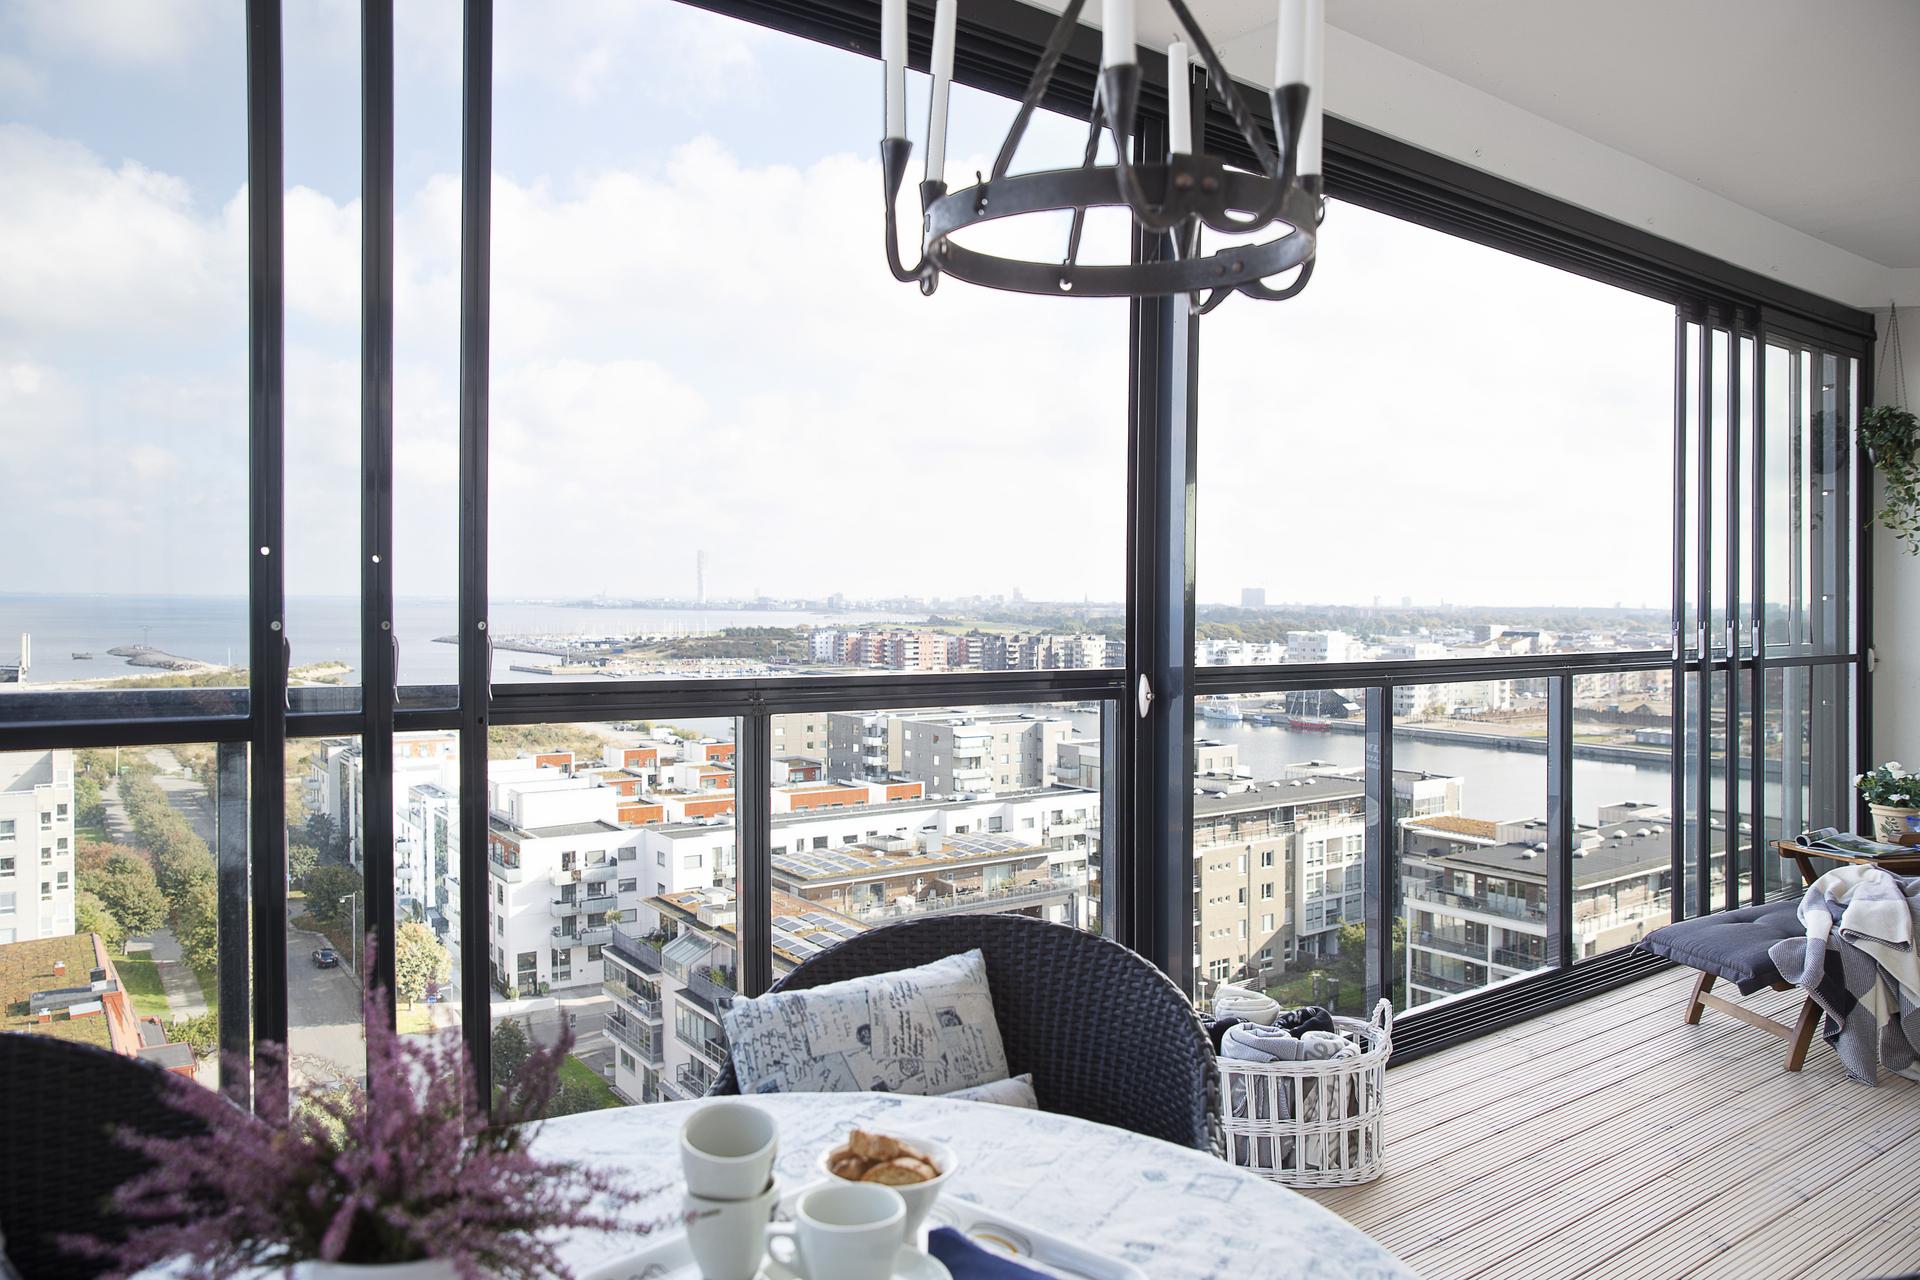 Balkongen erbjuder en öppen och fri utsikt utsikt, med vy ända bort till horisonten